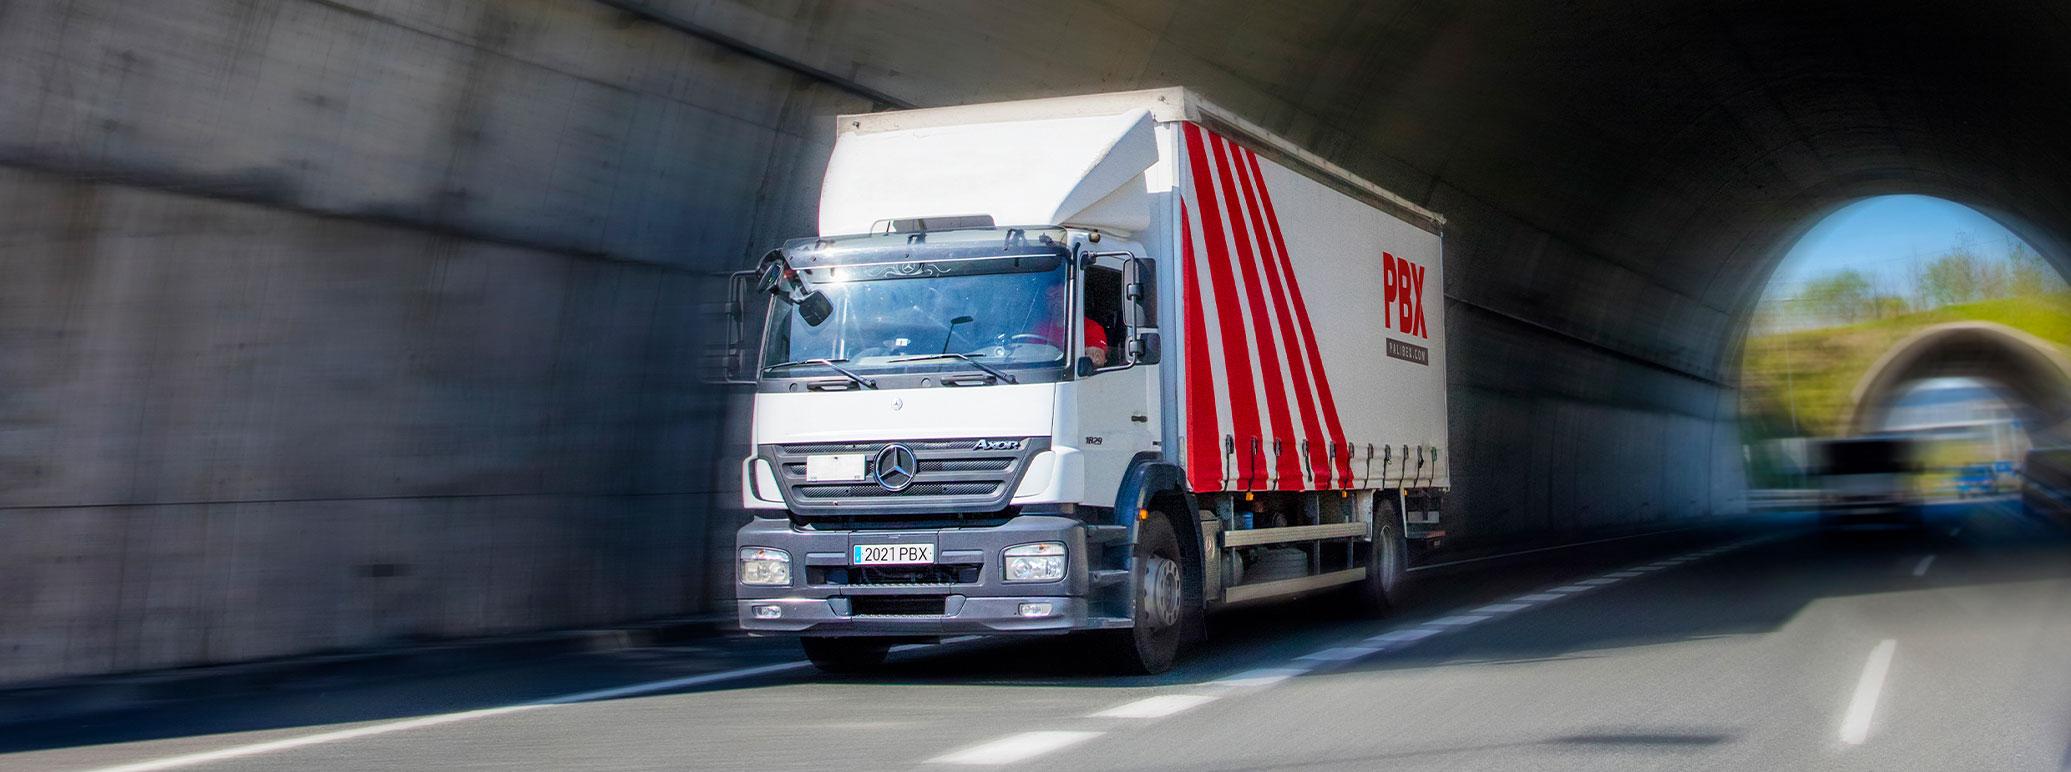 Transportes logisticos huesca - palibex - camion transporte